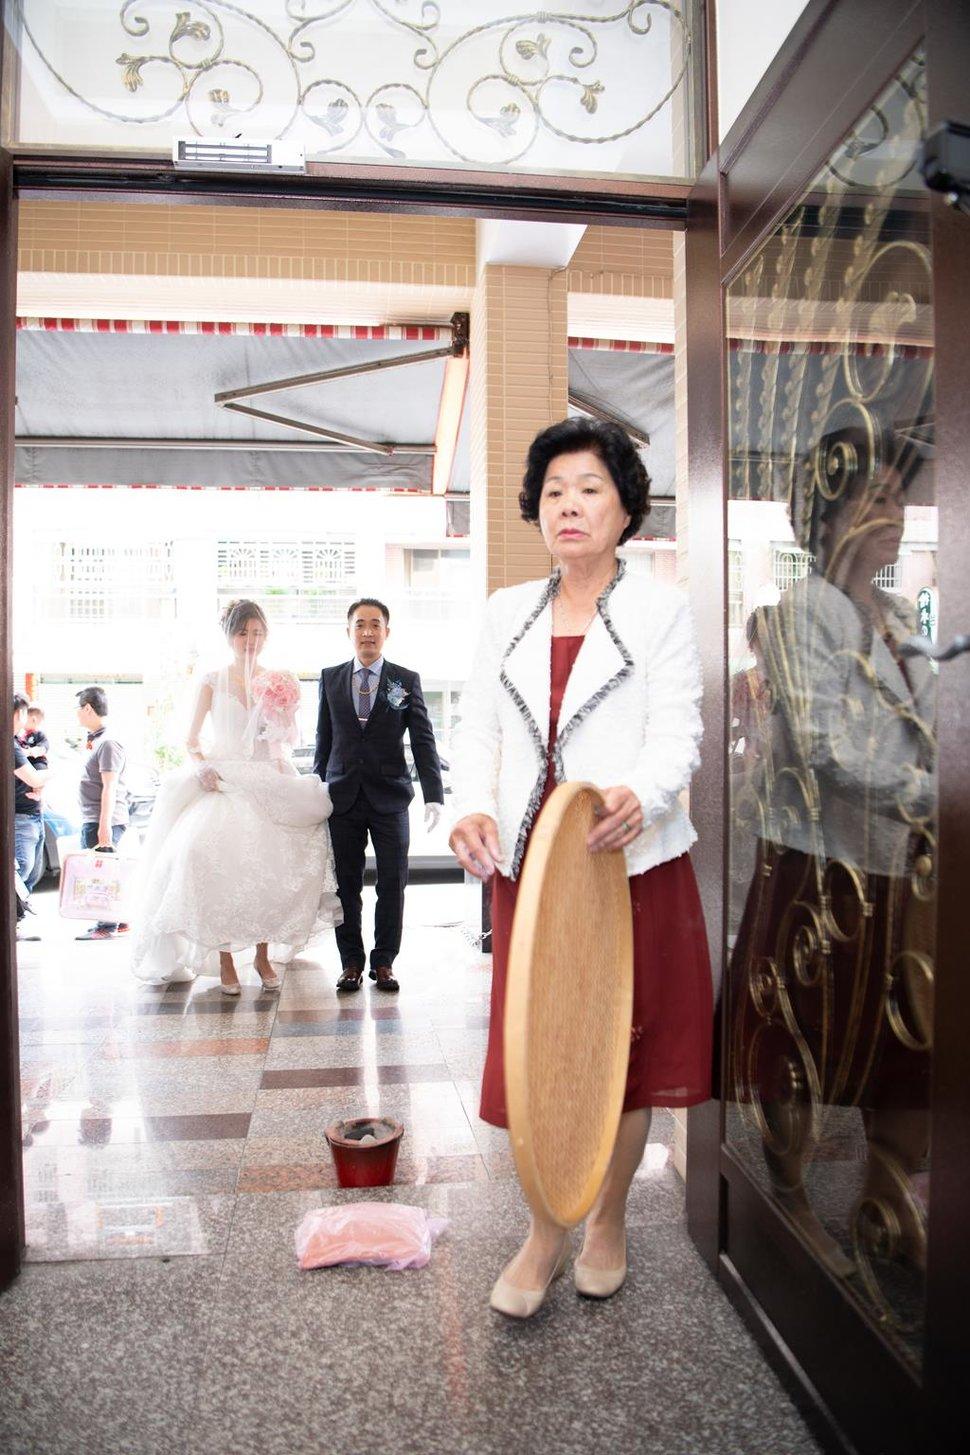 書孟&逸琳婚禮紀實-2-30 - Mr. Happiness 幸福先生《結婚吧》